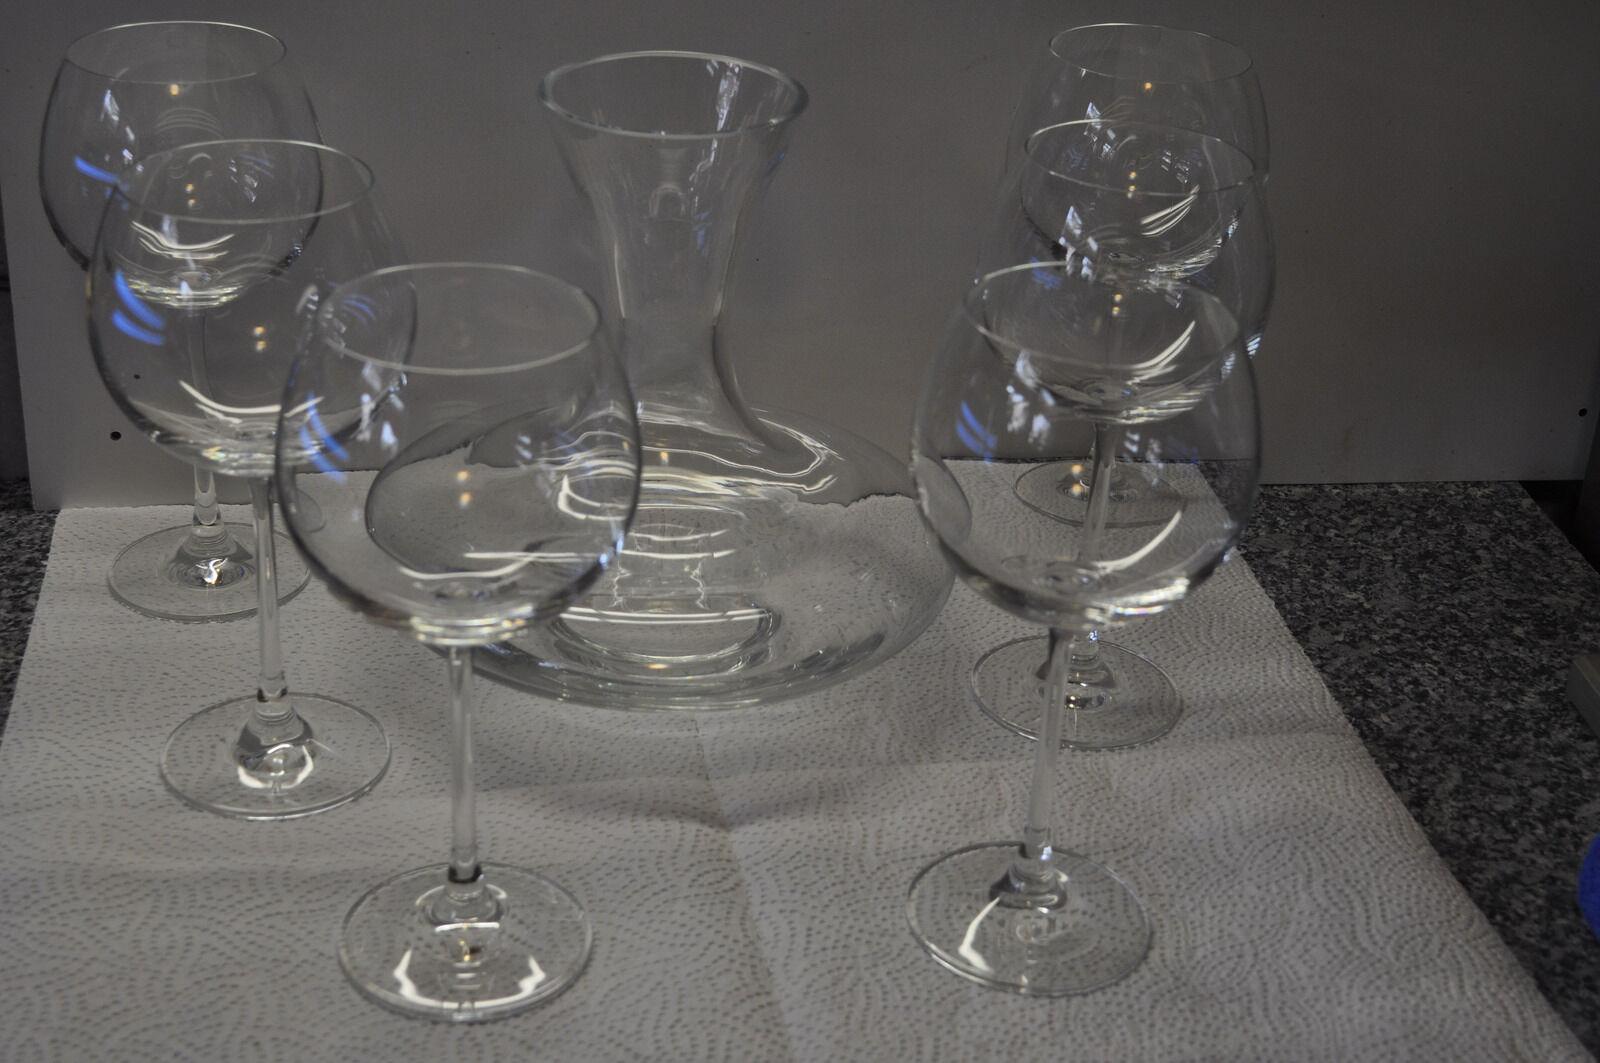 7 TLG Weinserviece 1 x Karaffe und 6 x  hohe Weingläser   Wonderful